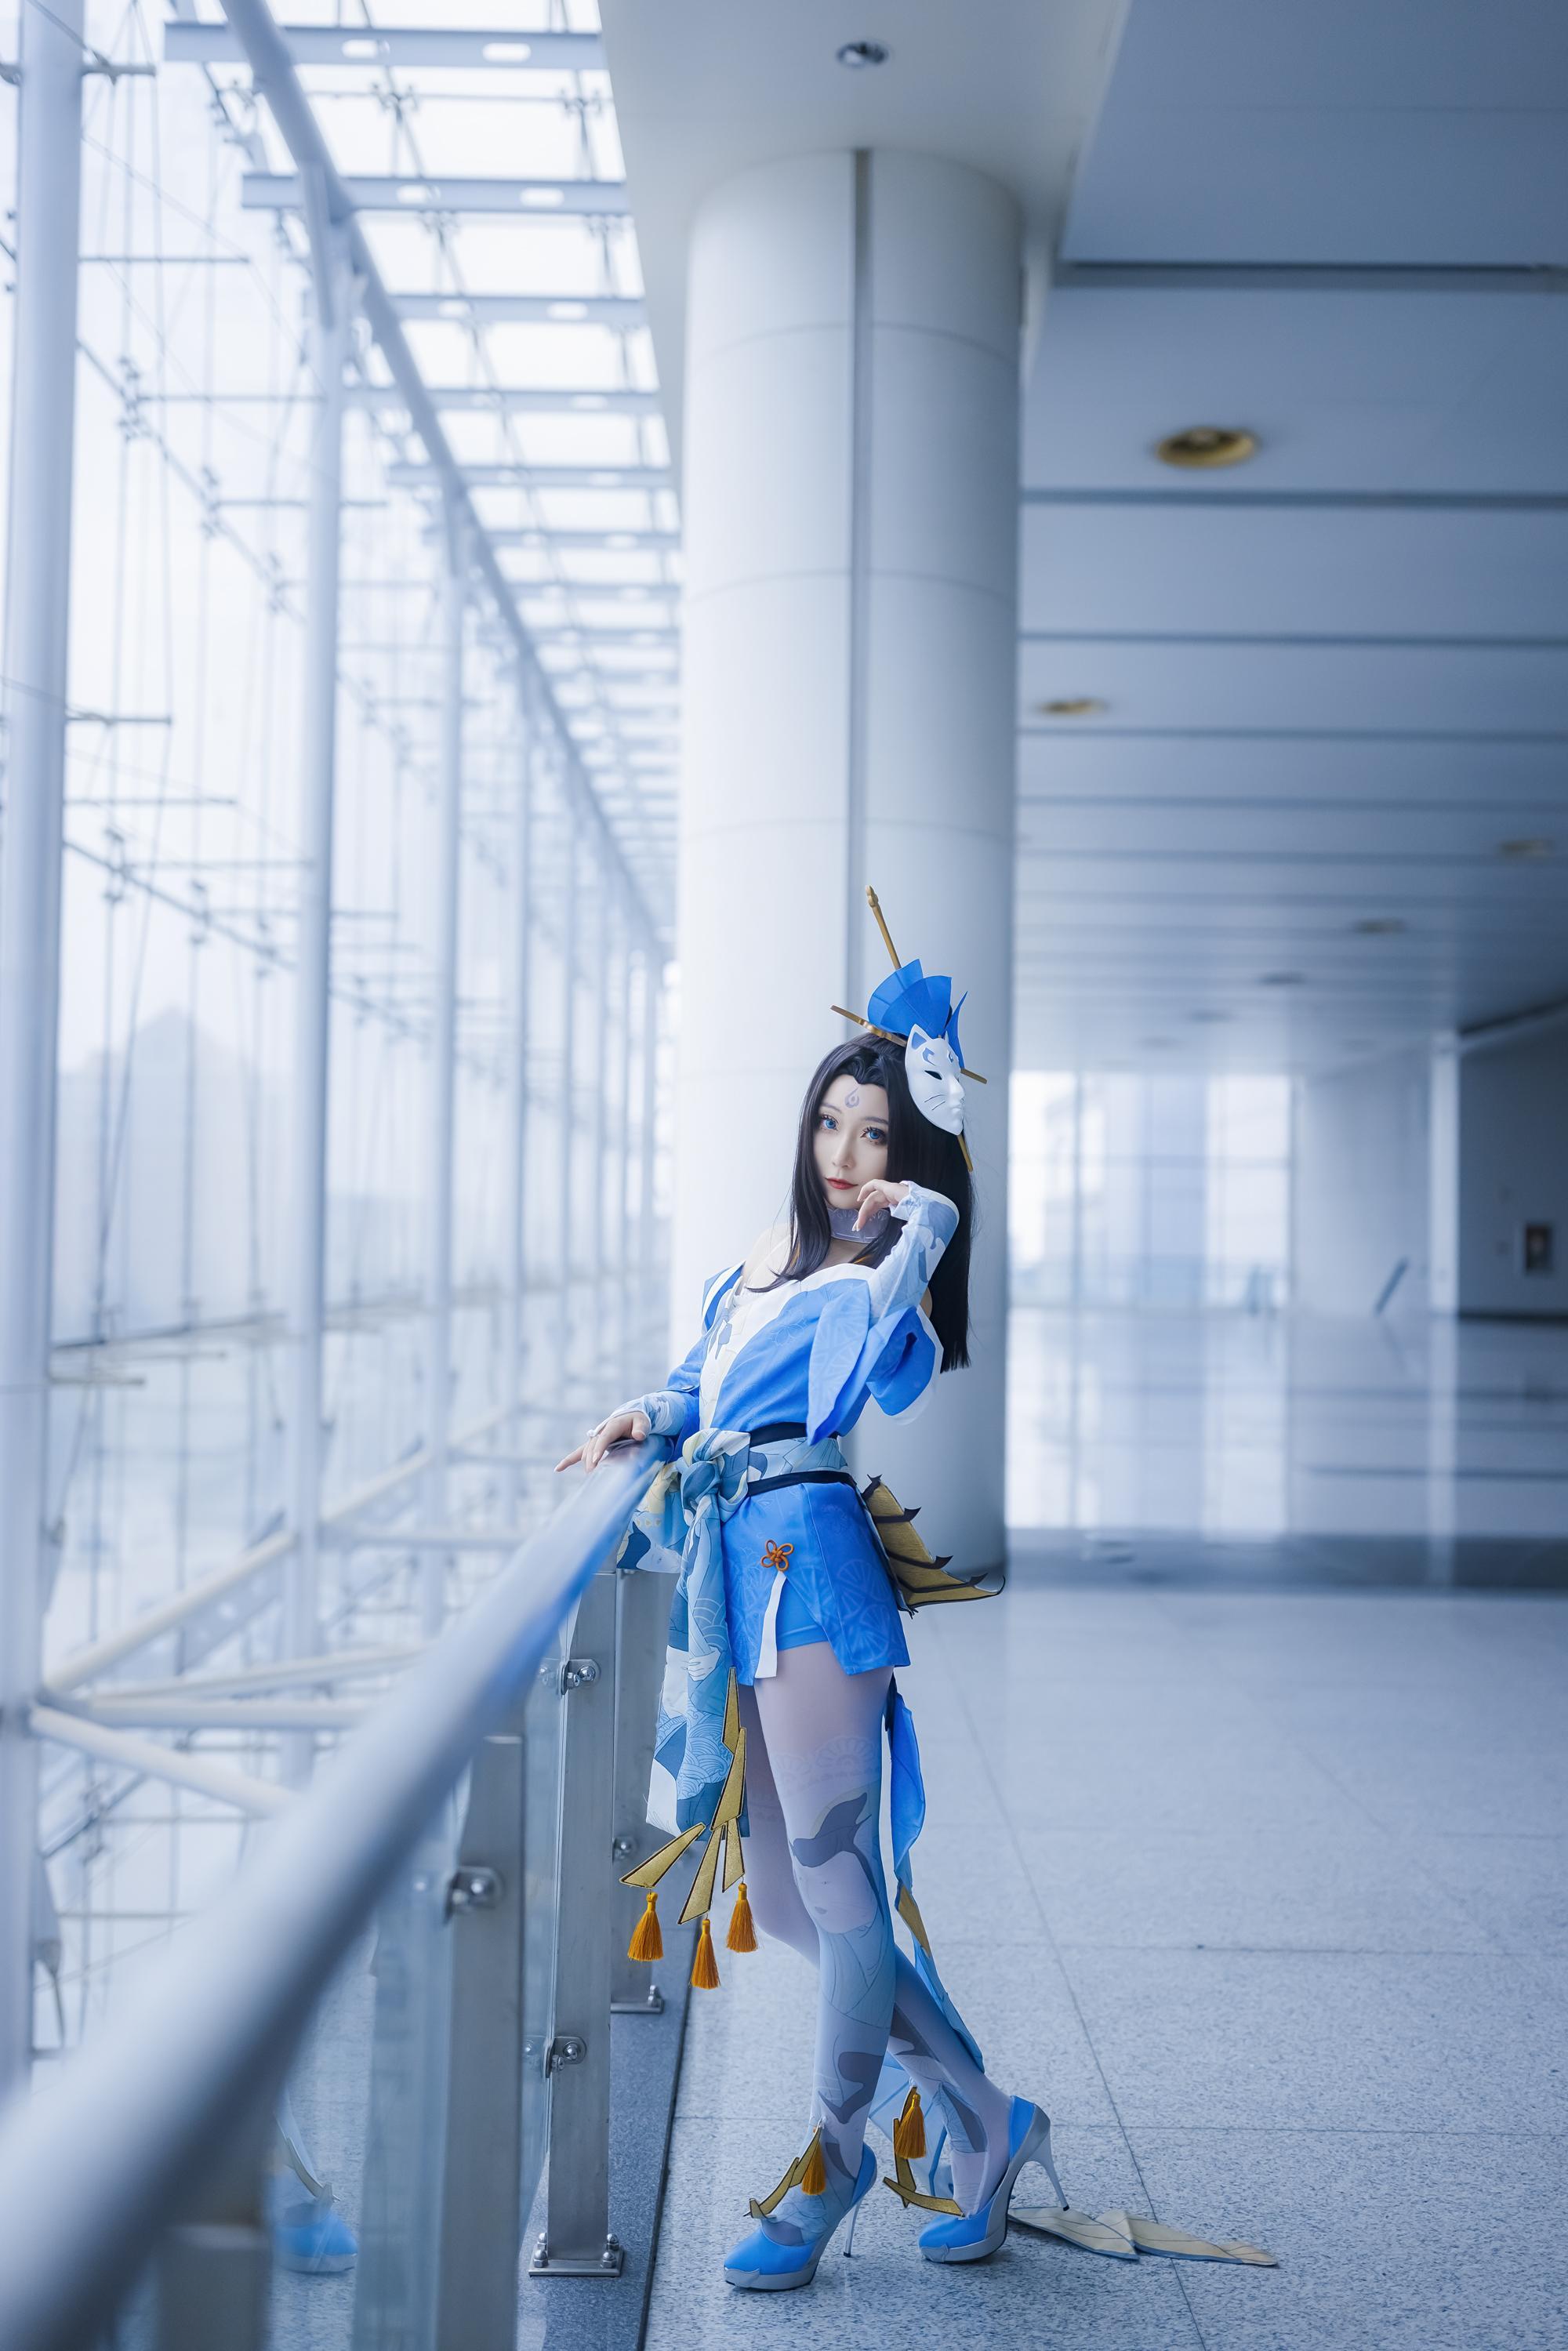 《王者荣耀》不知火舞cosplay【CN:kk蓝璃】-第8张